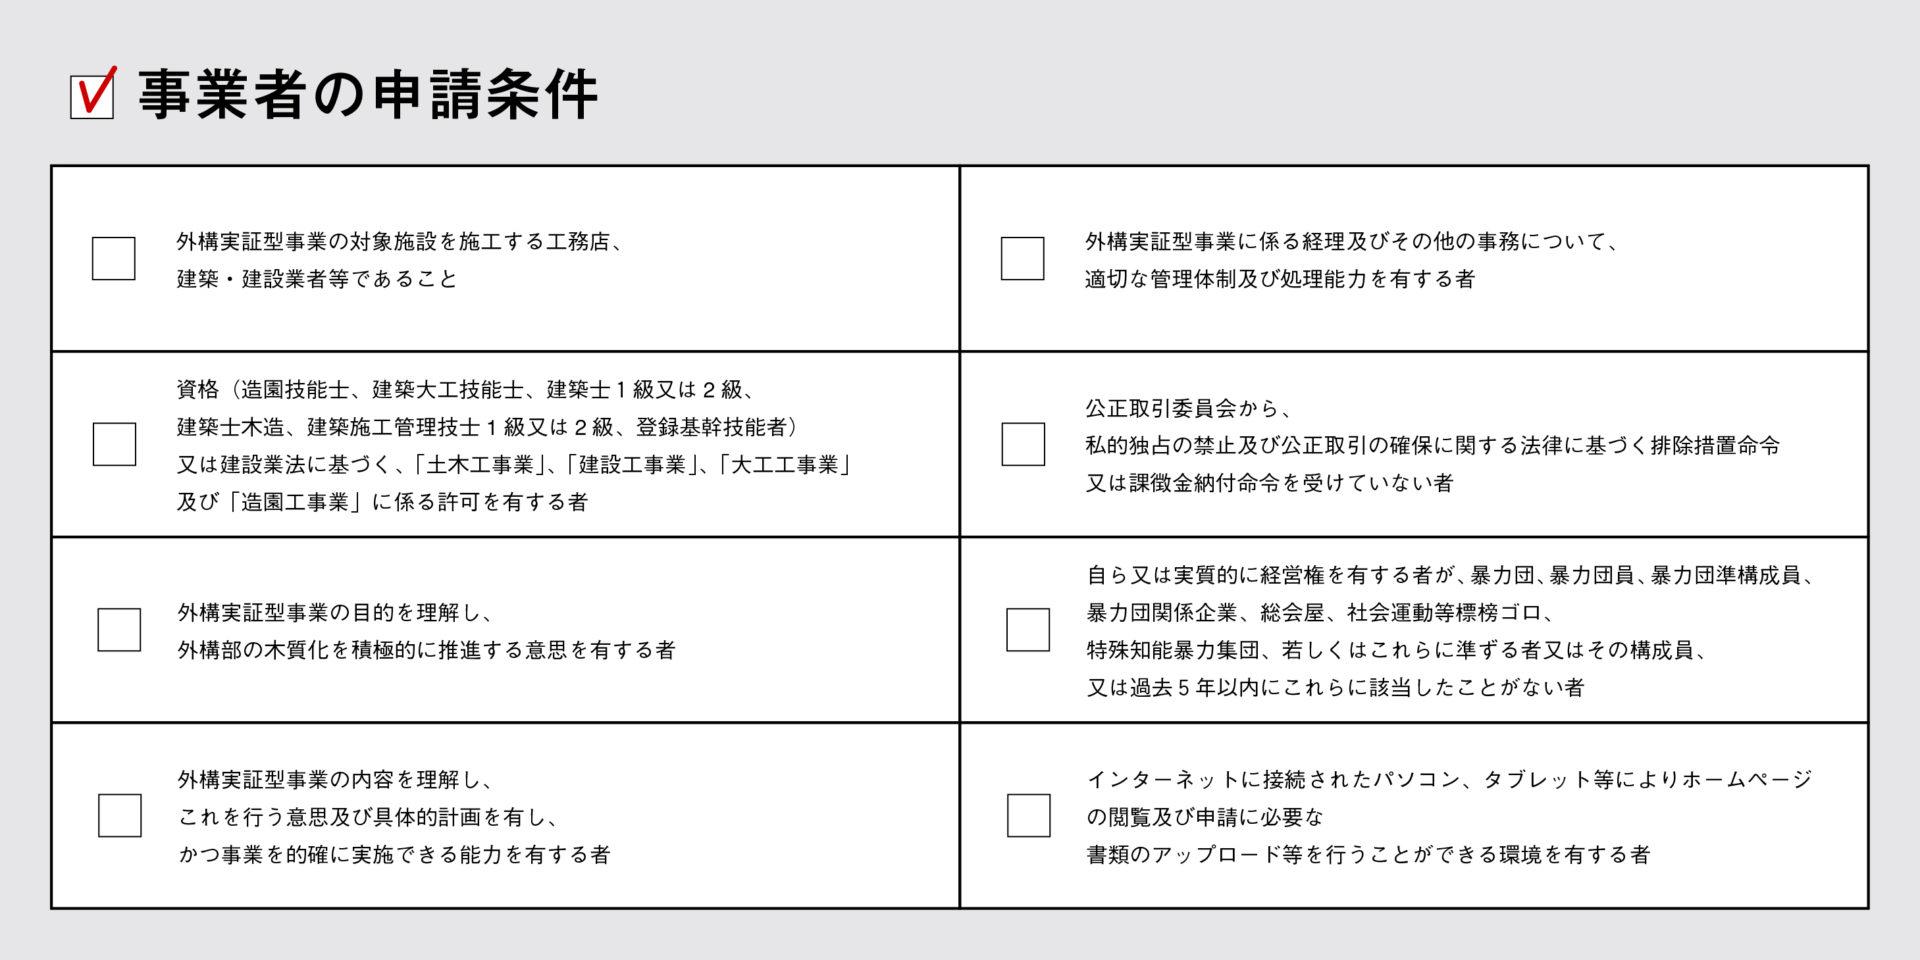 事業者の申請条件